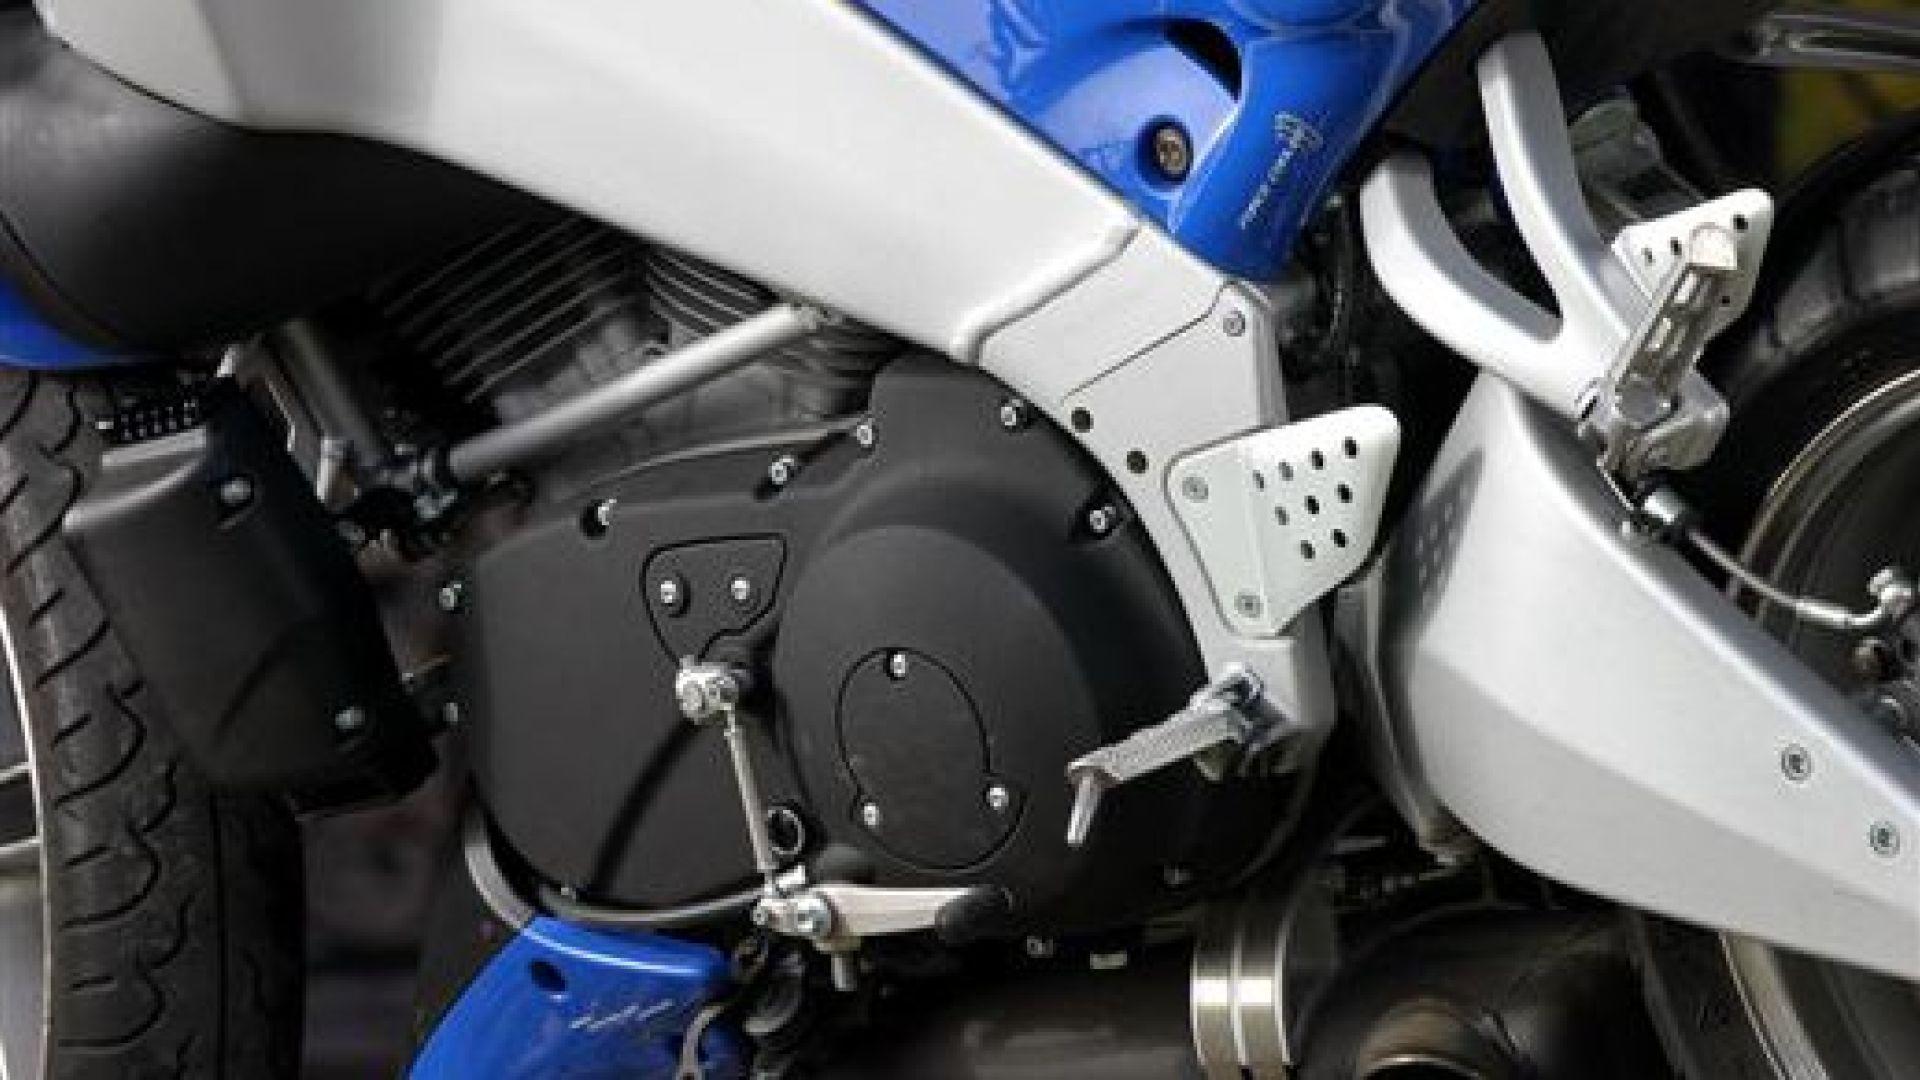 prova su strada: ducati supersport 1000 ds buell xb-9r - motorbox